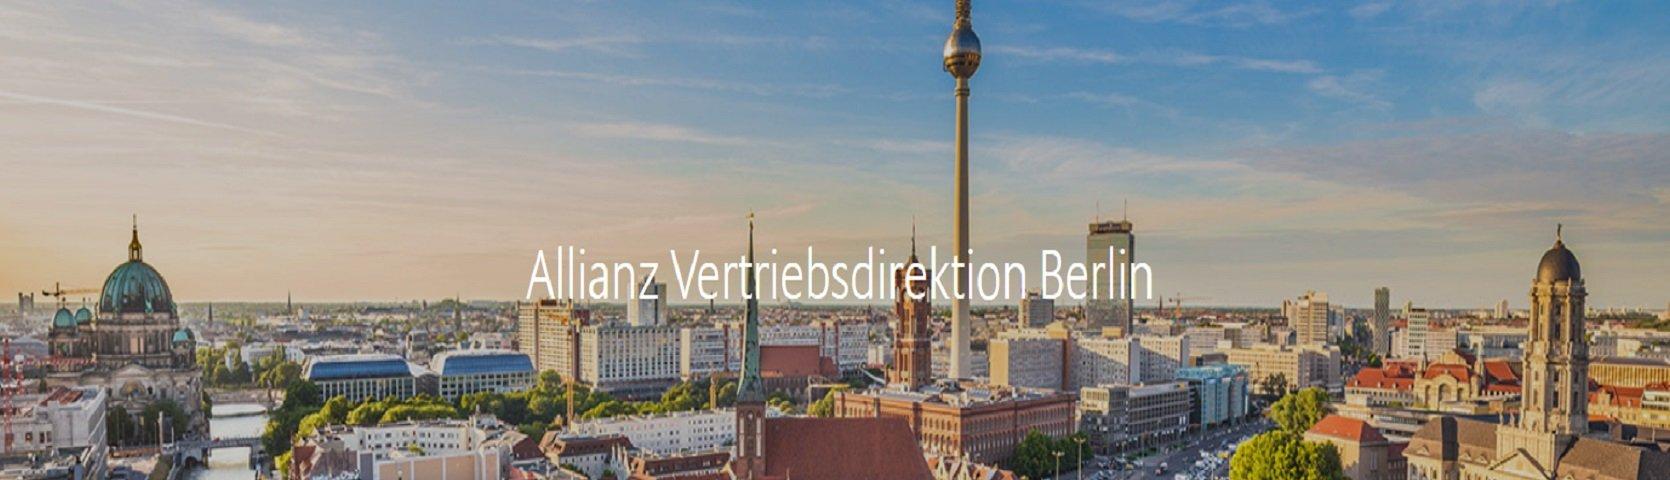 Allianz Beratungs- und Vertriebs-AG Vertriebsdirektion Berlin